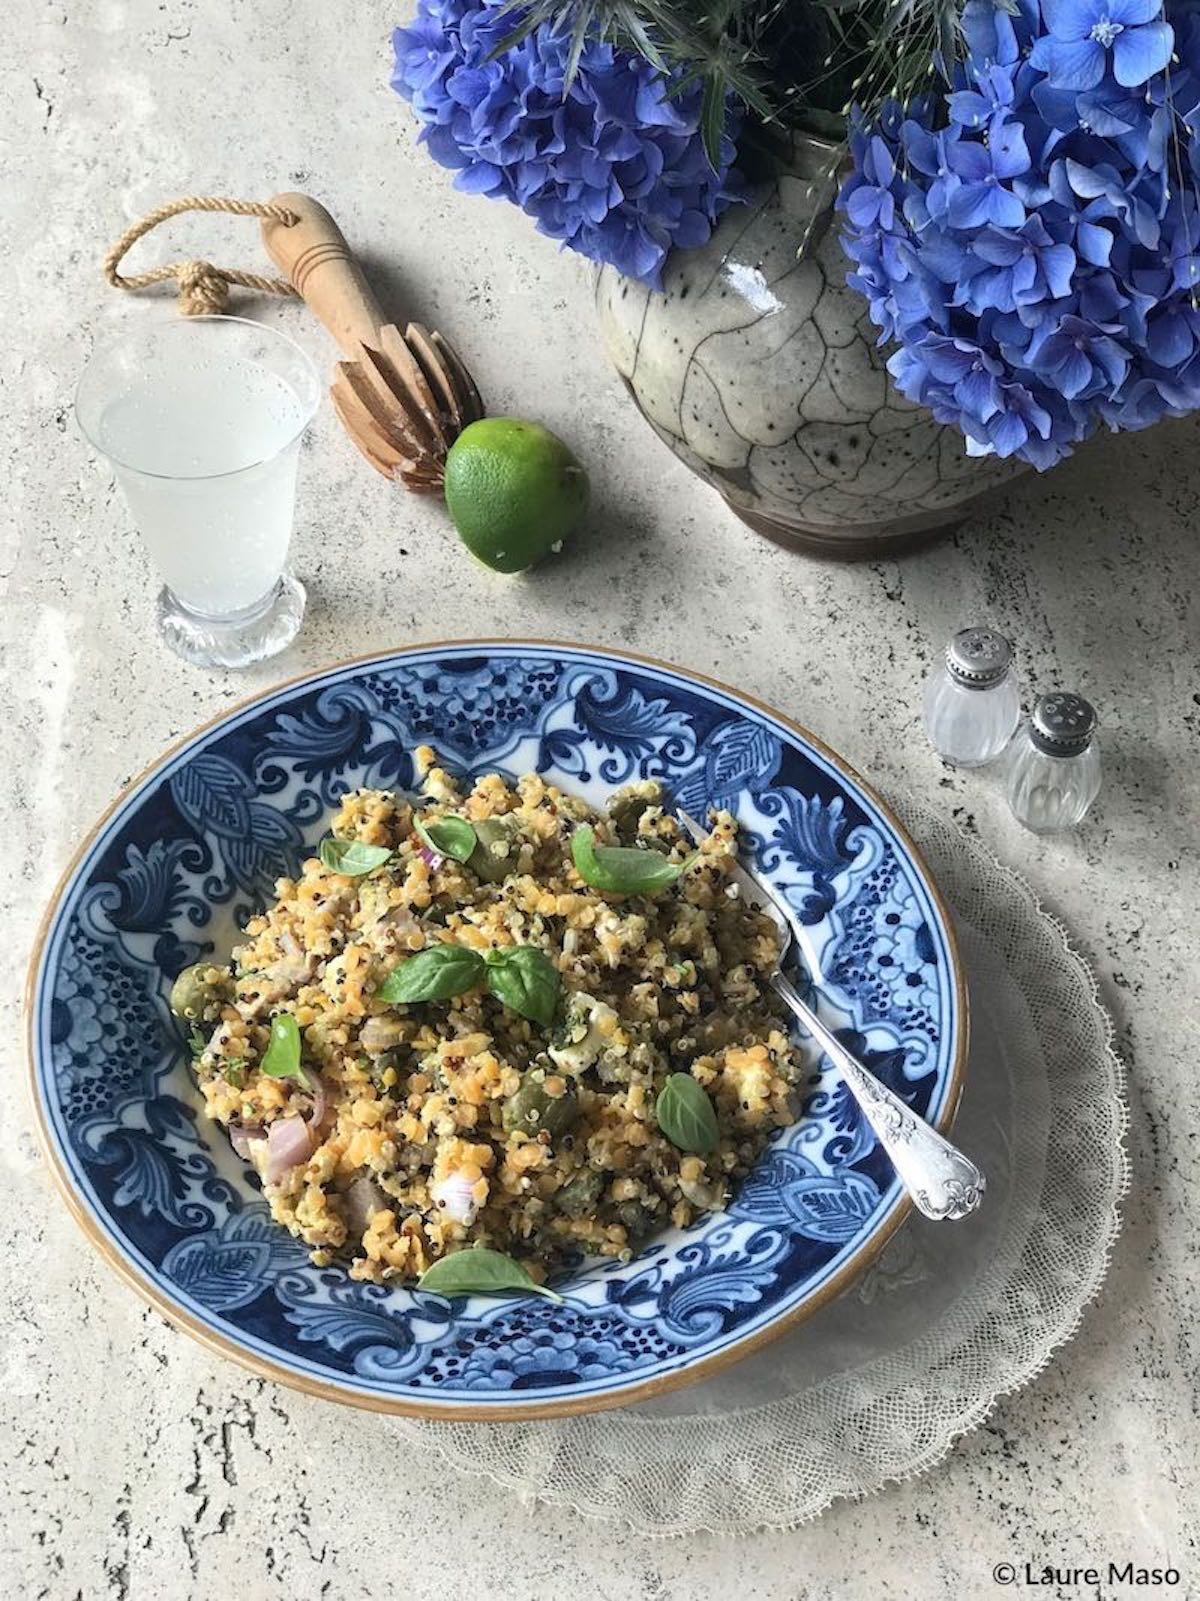 PHOTO CULINAIRE labelaure blog culinaire cuisine de l'instinct légumineuses céréales basilic citron vert lentille corail quinoa tricolore câpre gingembre